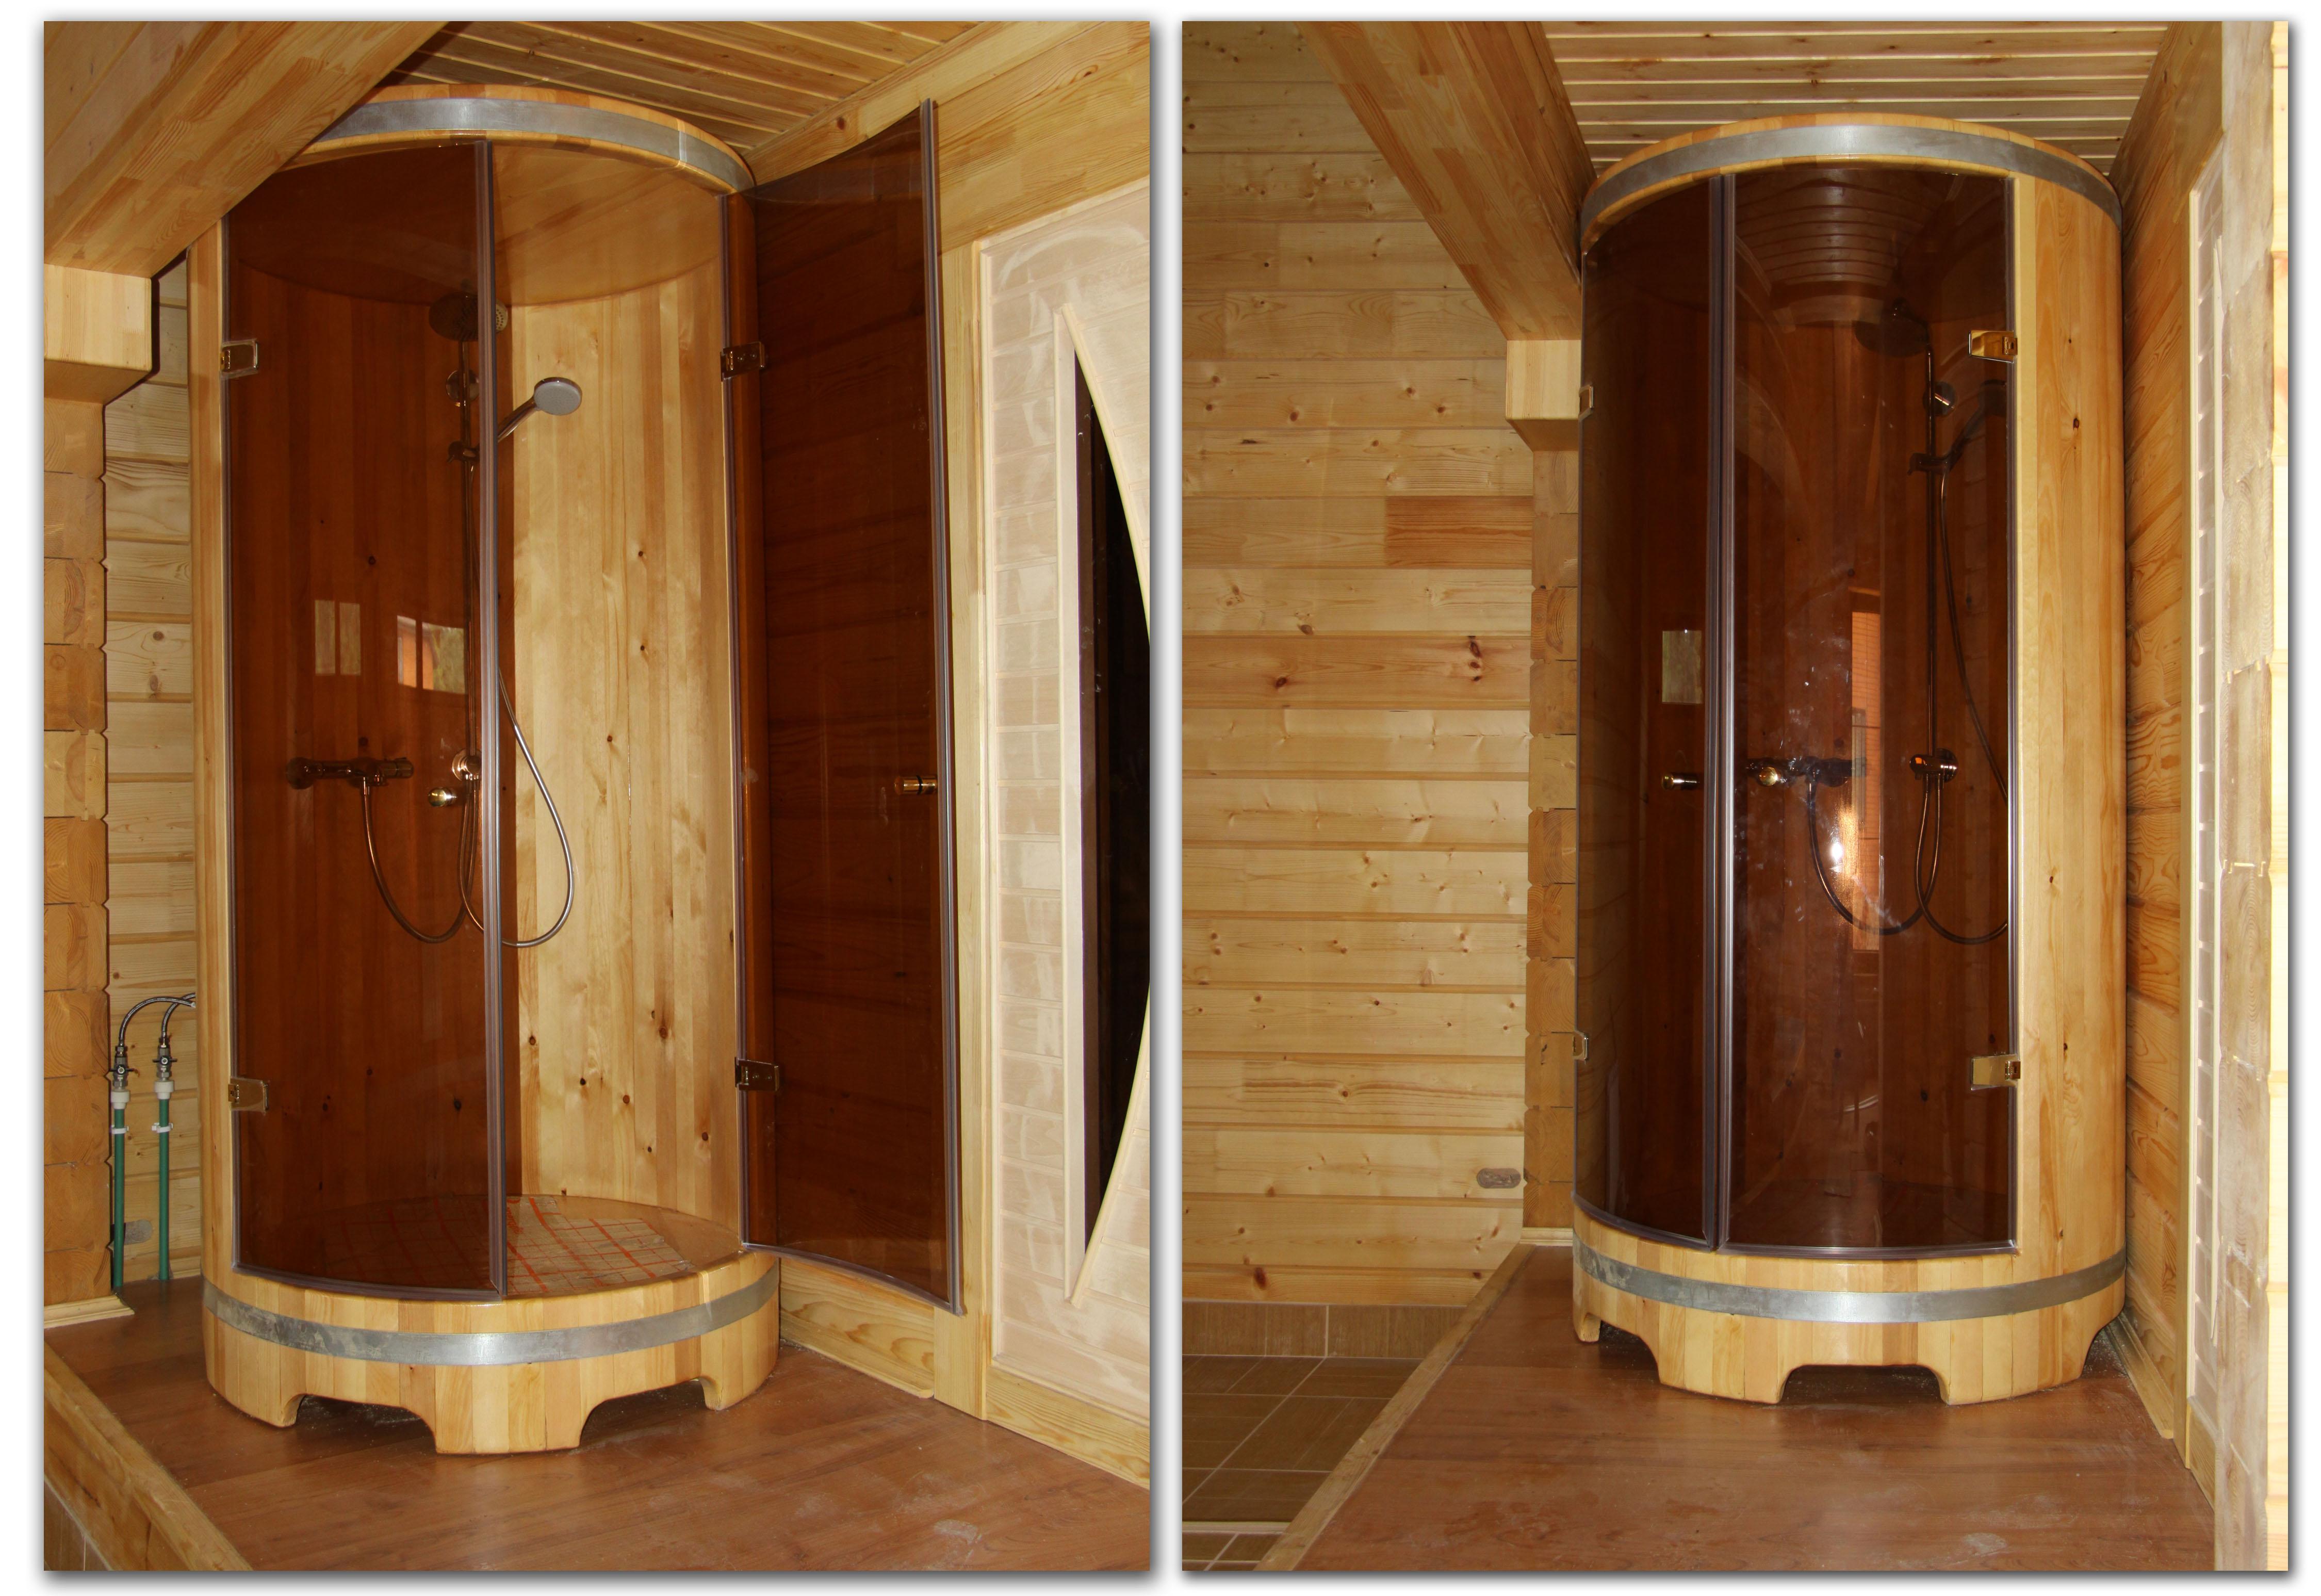 Душевая кабина в бане, деревянная для моечной, из дерева лиственницы